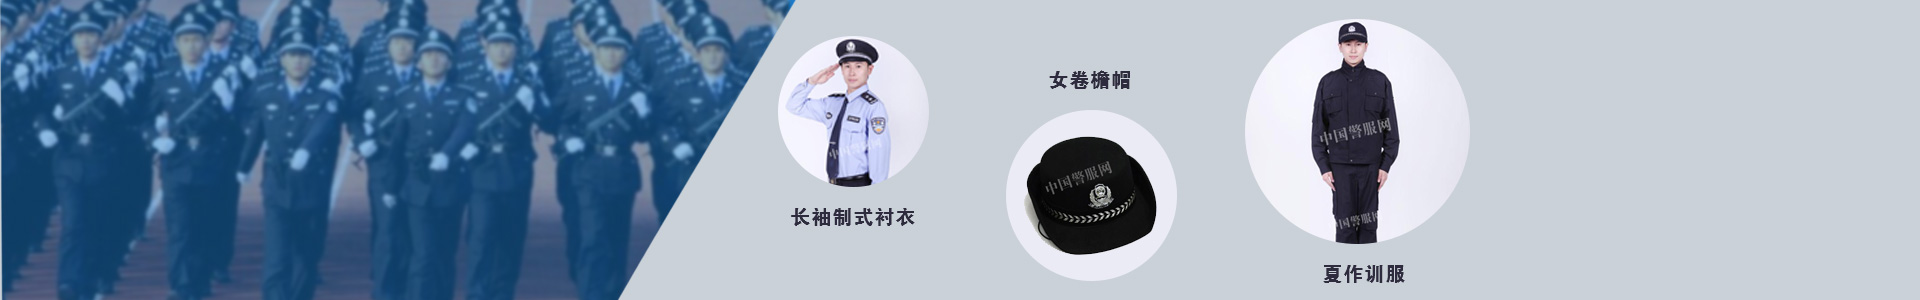 人民警察服装专卖网站警服网